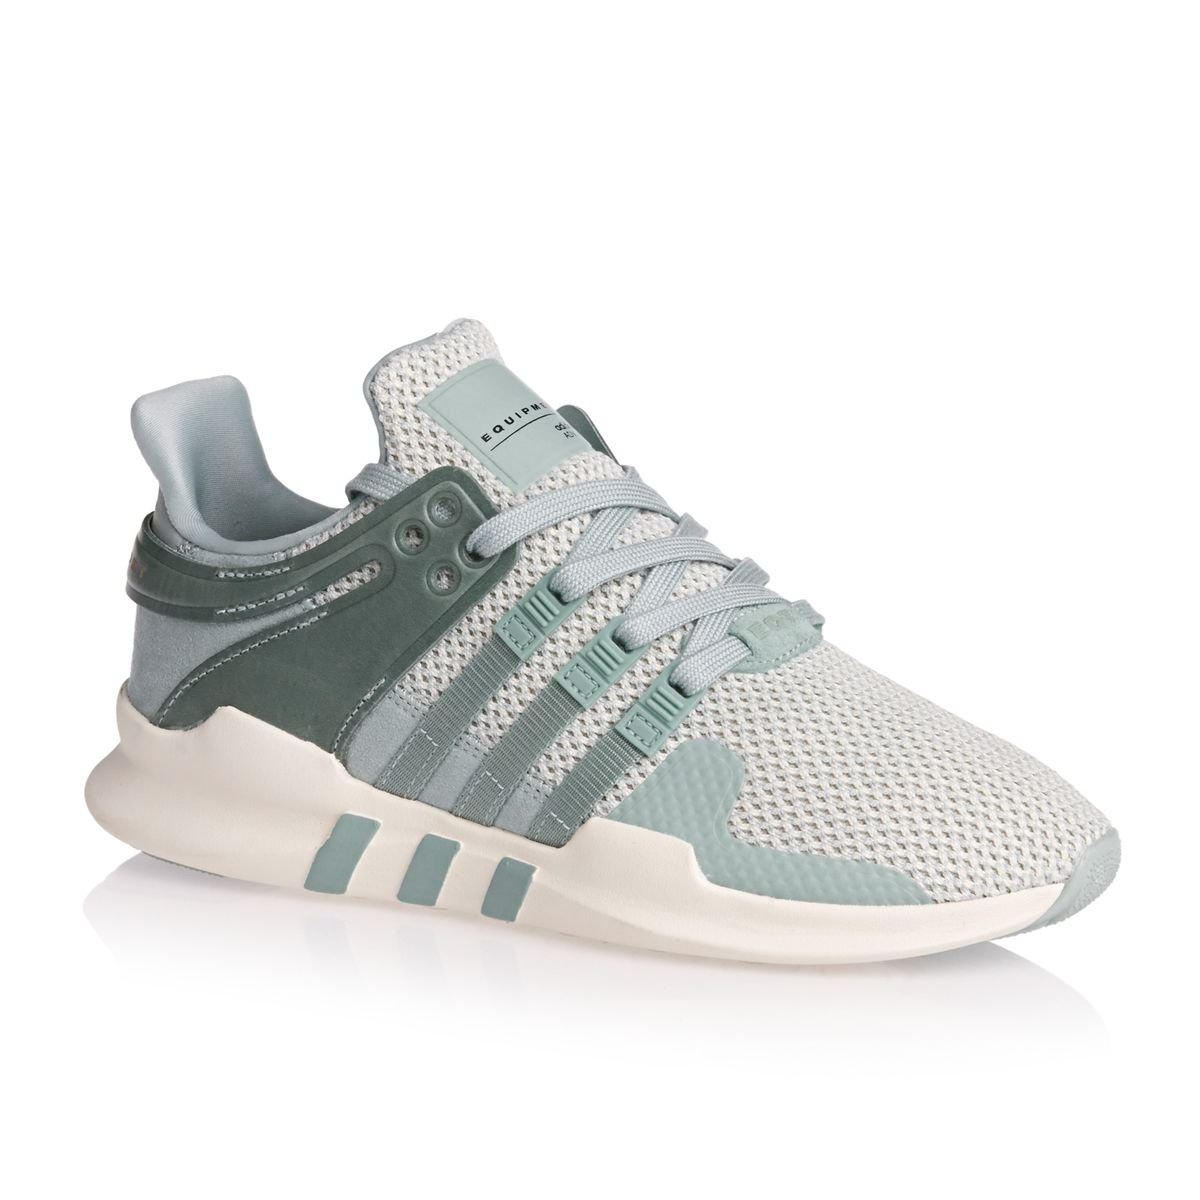 Adidas EQT Support ADV, Zapatillas para Hombre 37 1/3 EU|Tactile Green-tactile Green-off White